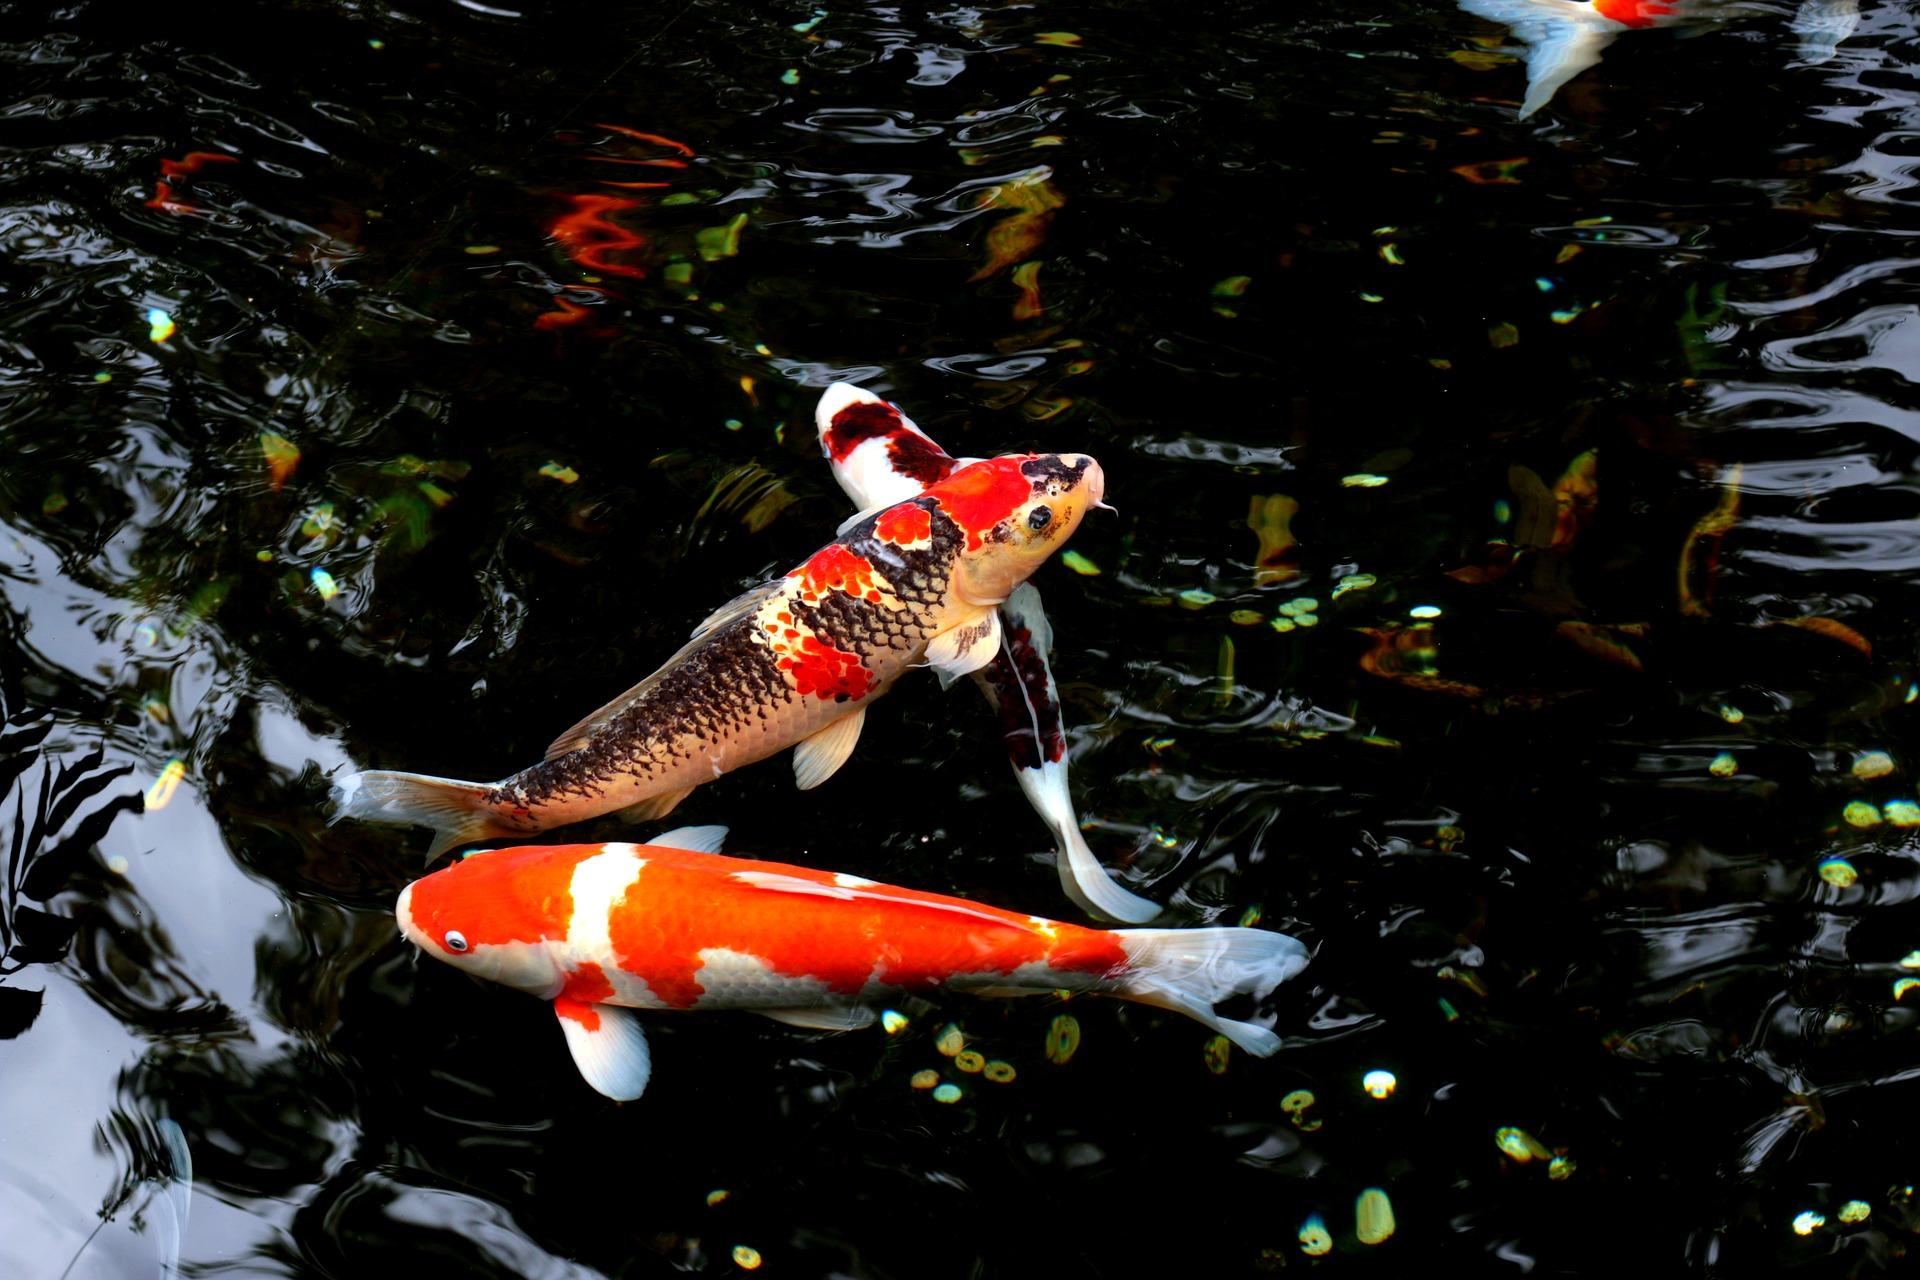 Ryby w oczku wodnym podnoszą jego walory. Najlepsze są ryby spokojne, osiągające nieduże rozmiary ciała i odporne na warunki atmosferyczne w Polsce.